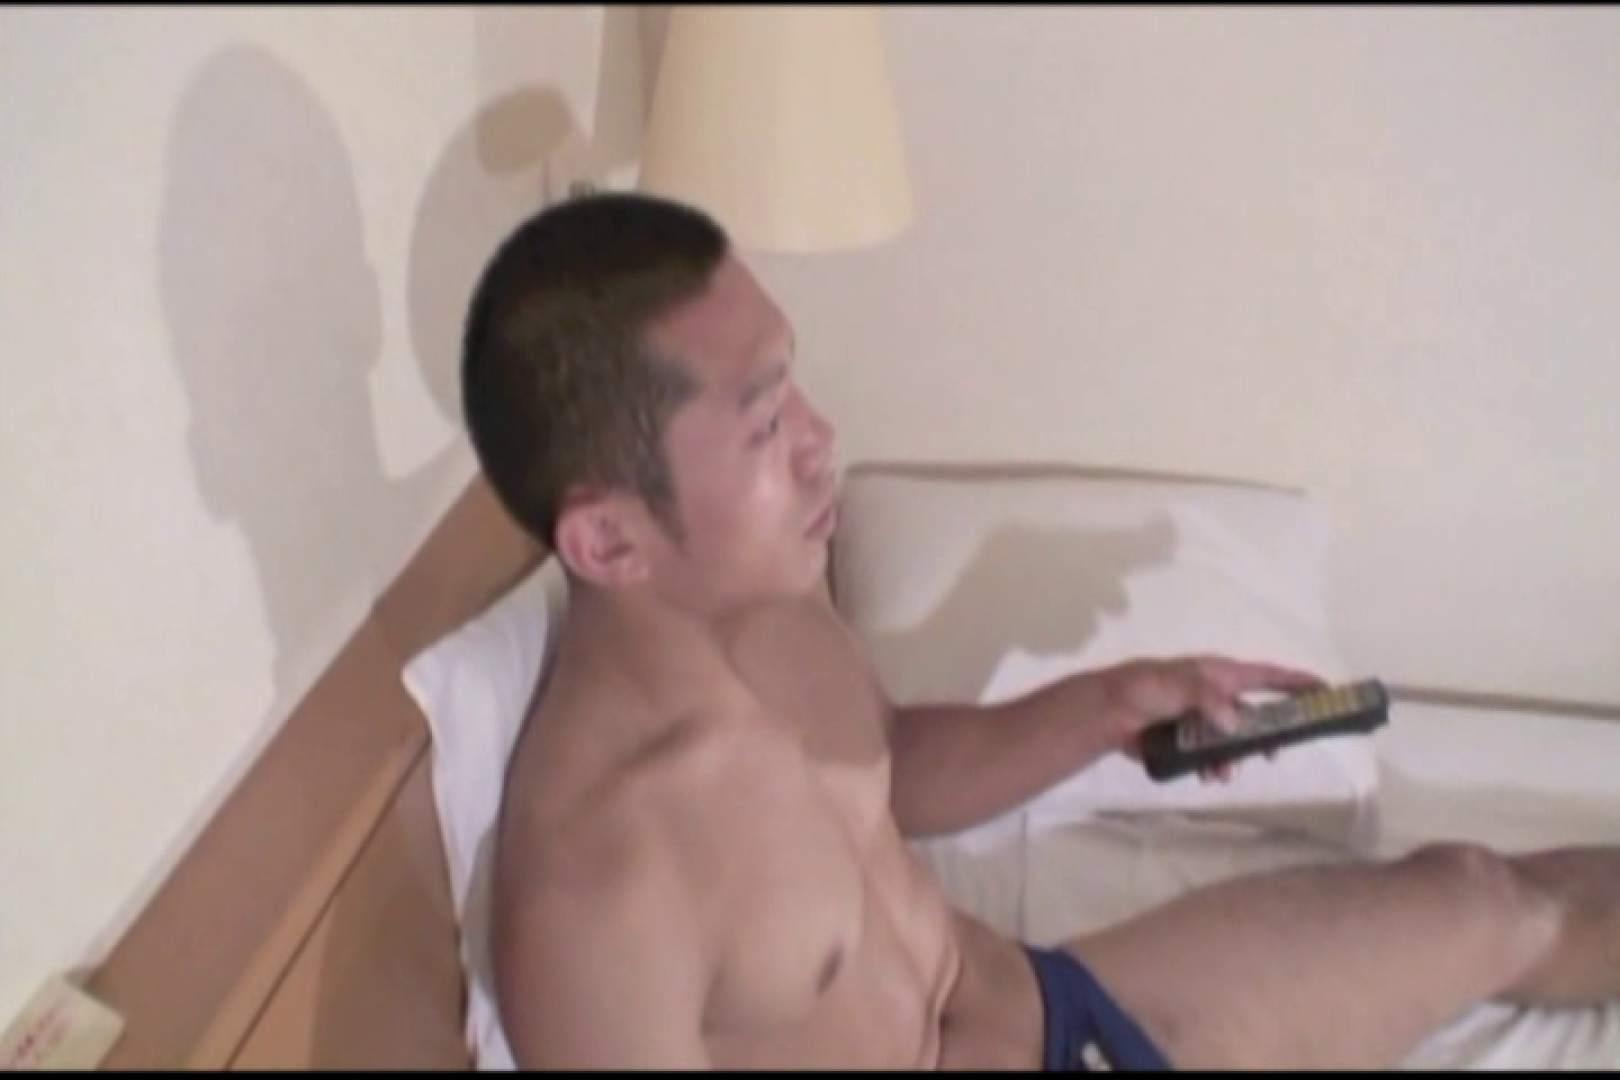 アナPさん投稿!目がパッチリなイケメンサル系男子の昇天劇。 手コキ しりまんこ画像 10画像 5